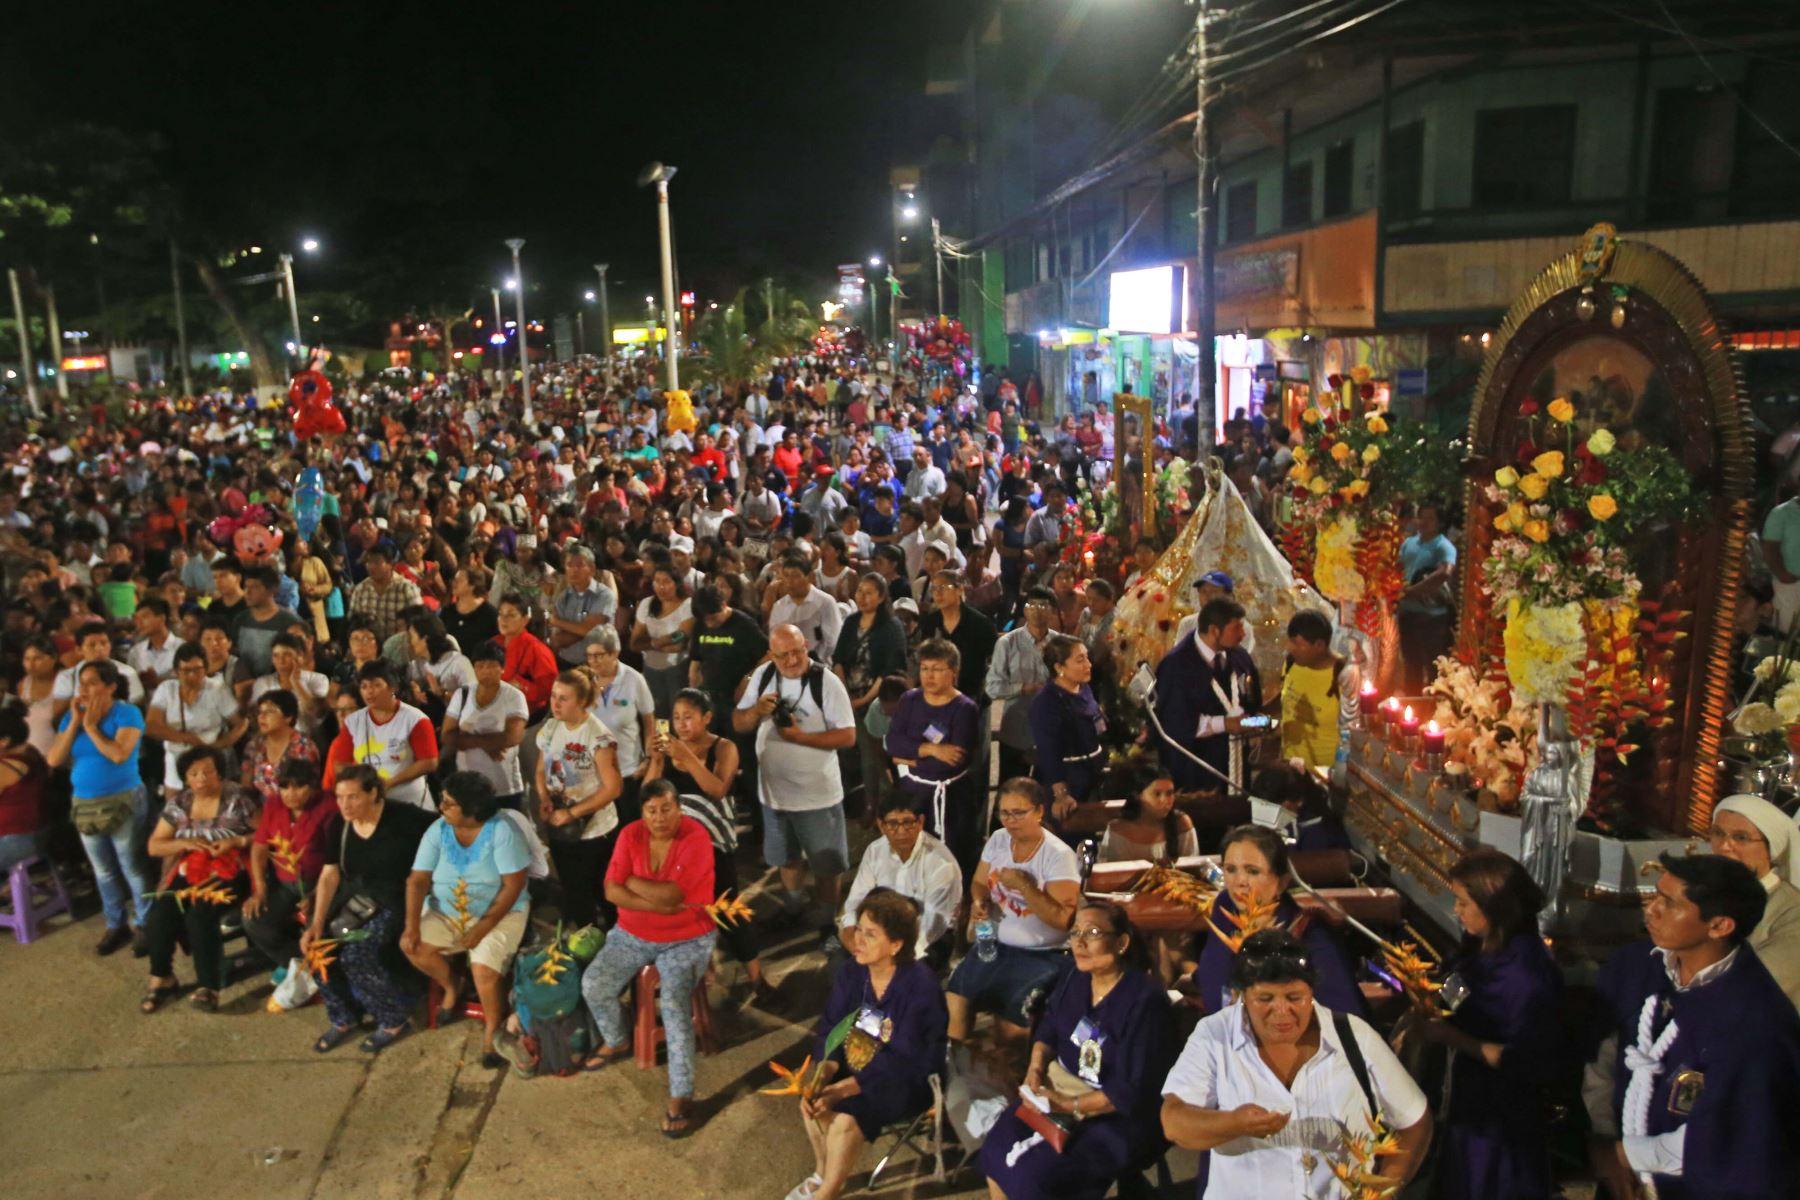 Gran expectativa en Puerto Maldonado por visita del Papa Francisco. Foto: ANDINA/Jhony Laurente.